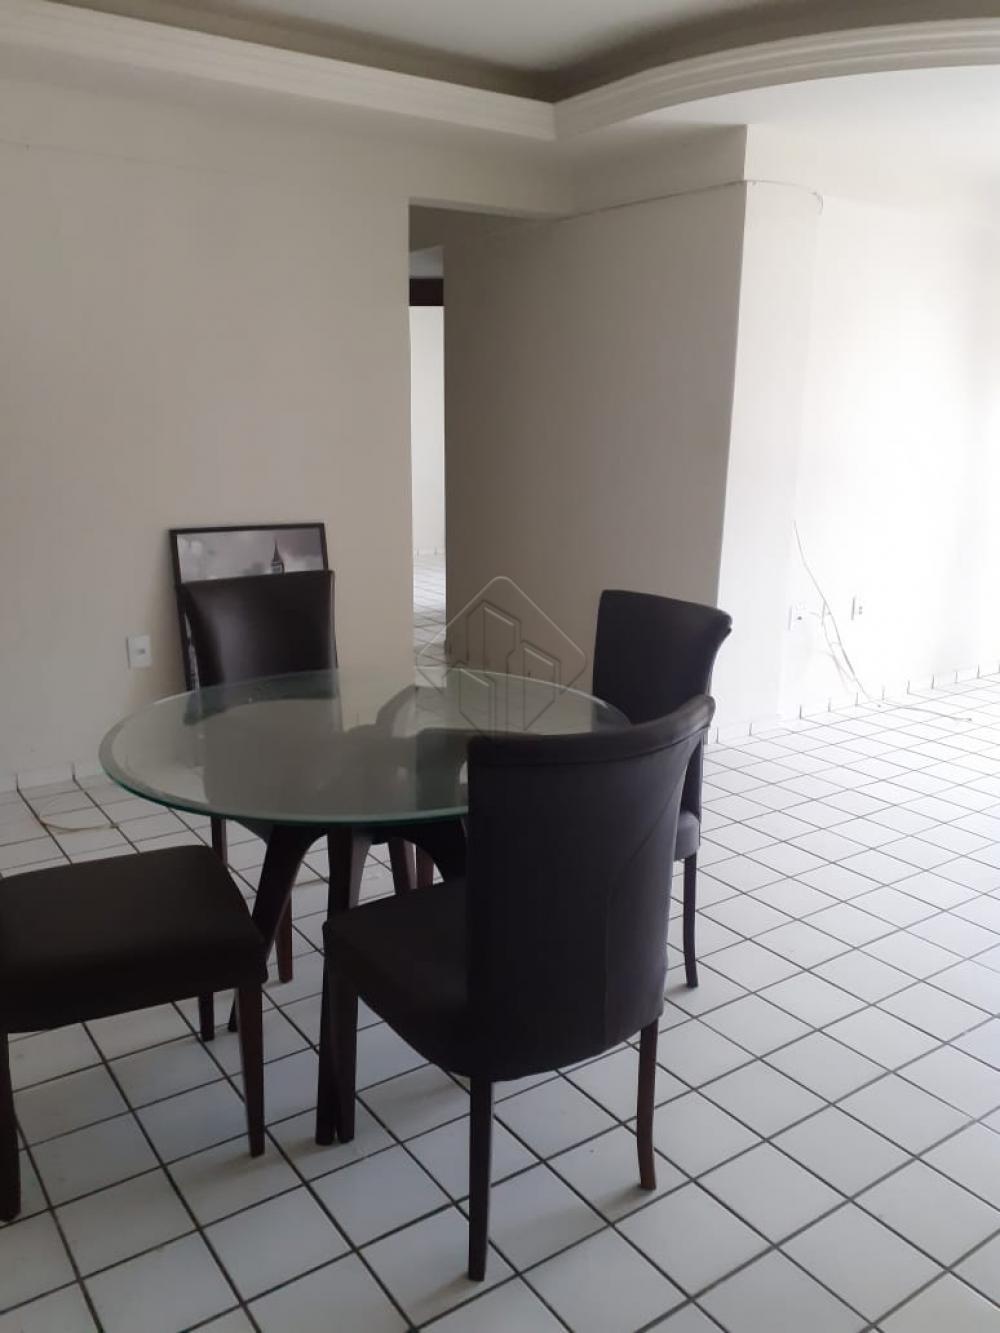 Apartamento para alugar a beira mar em Manaíra   * 03 Quartos sendo 01 Suíte com varanda; * Sala para 2 ambientes * Varanda * WC Social; * Cozinha; * Área de serviço; * DCE;  Prédio com área de lazer, piscina, elevador, portaria, portão eletrônico, salão de festa.  AGENDE AGORA SUA VISITA TEIXEIRA DE CARVALHO IMOBILIÁRIA CRECI 304J - (83) 2106-4545